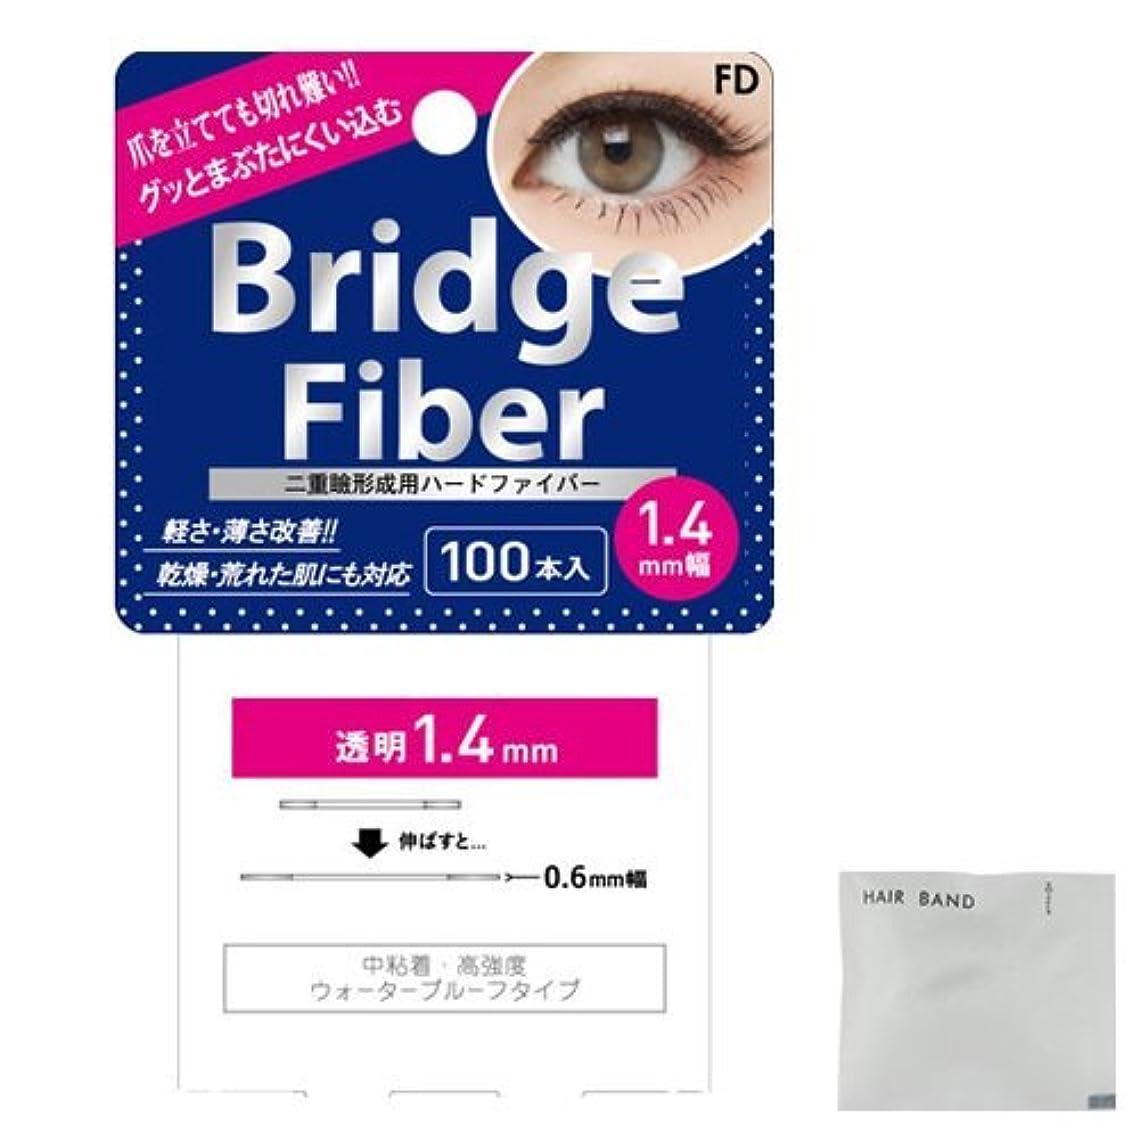 植物の脚本家スプーンFD ブリッジファイバーⅡ (Bridge Fiber) クリア1.4mm + ヘアゴム(カラーはおまかせ)セット